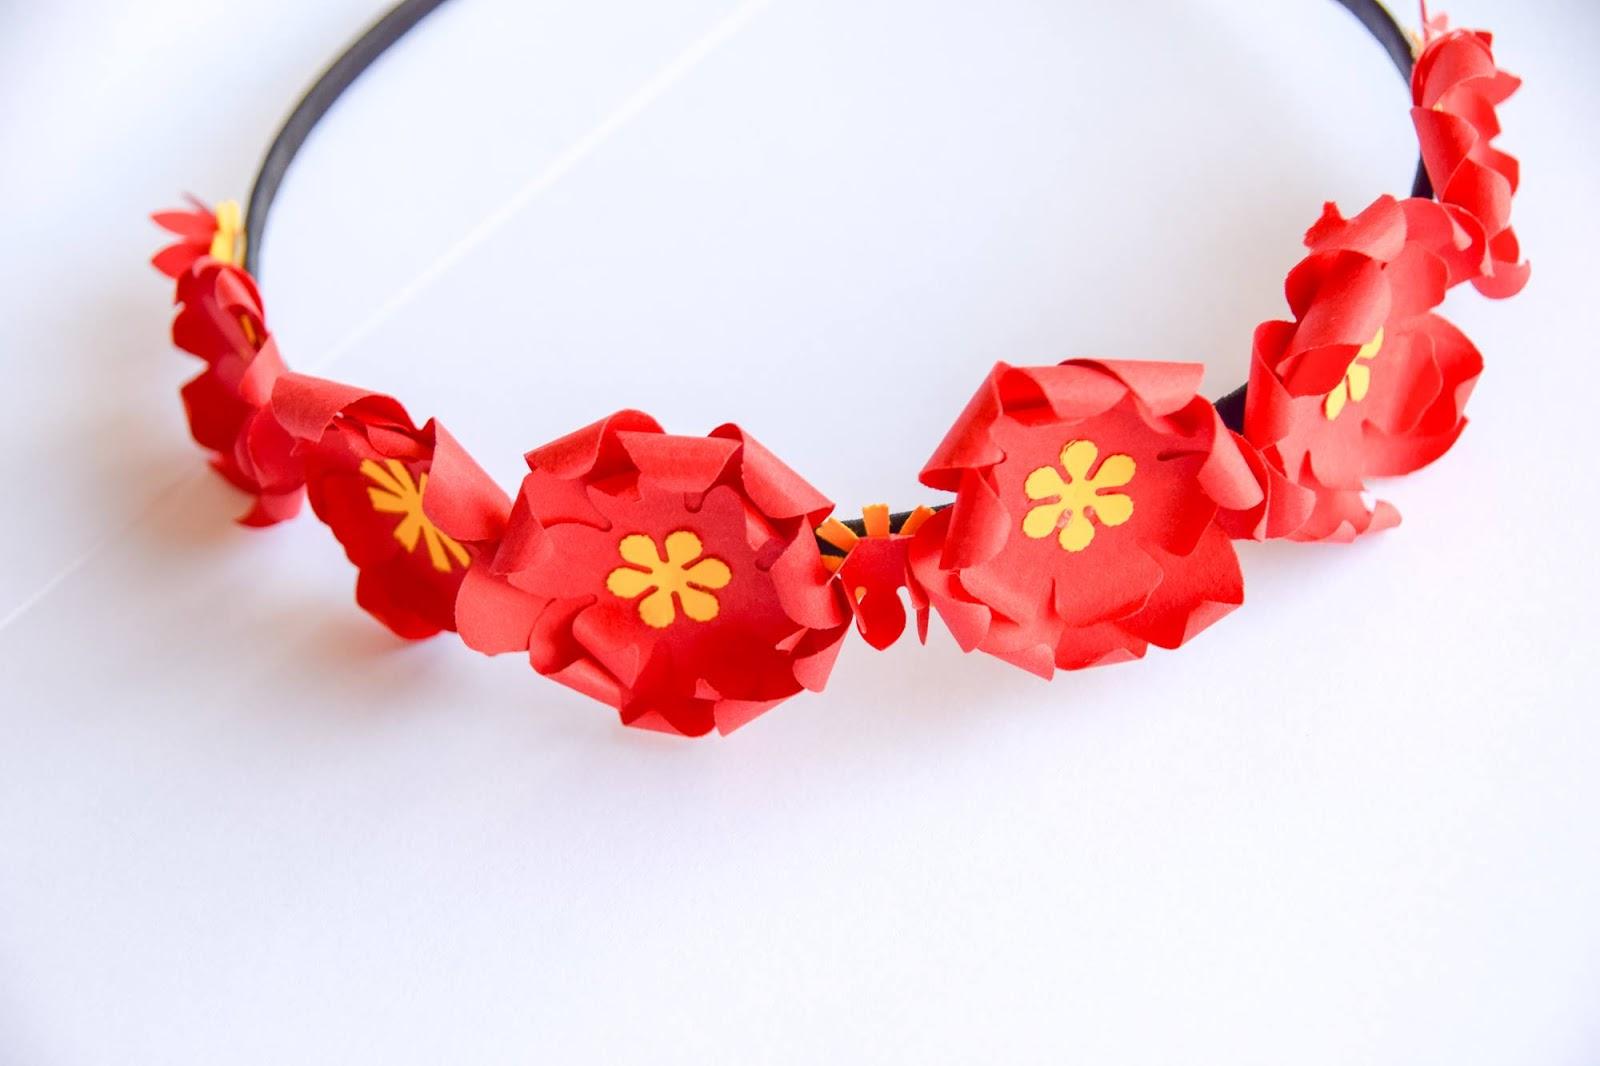 Coronite cu Flori de Hartie, Handmade, DIY, Bucuresti